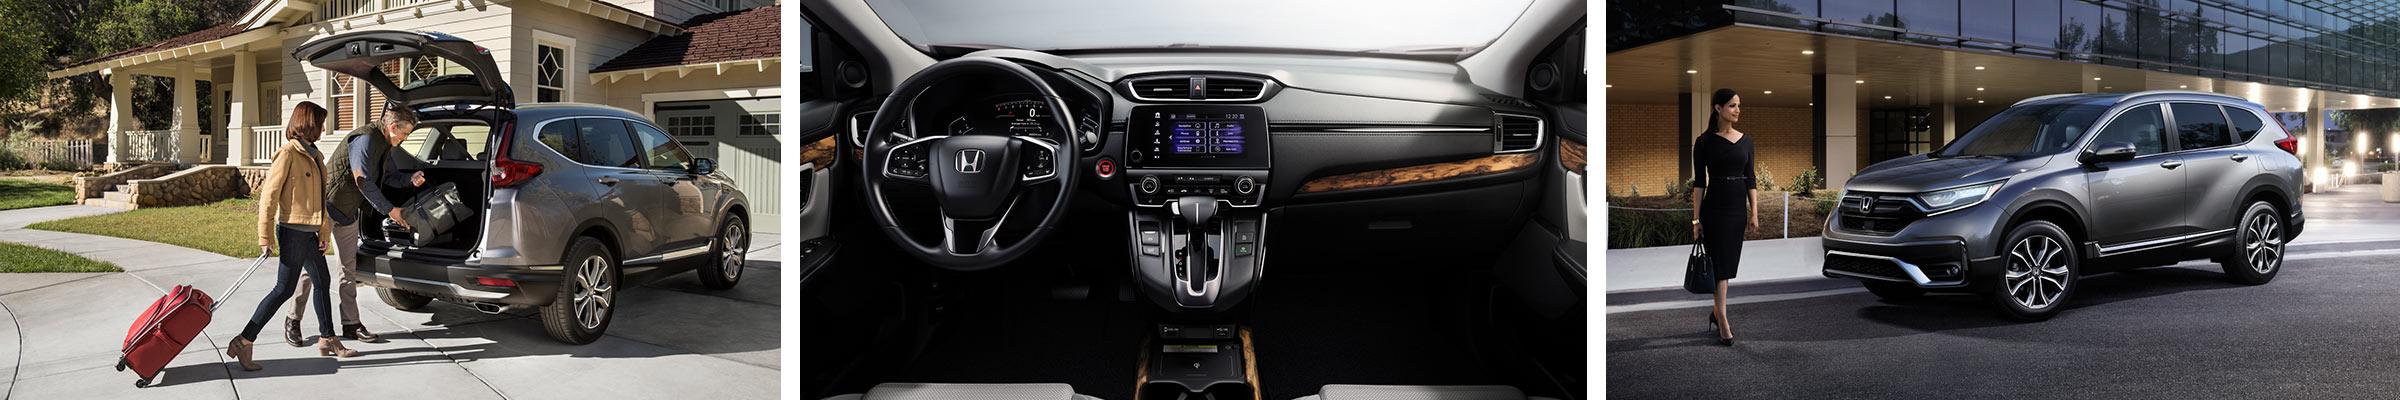 2021 Honda CR-V For Sale Dearborn MI | Detroit